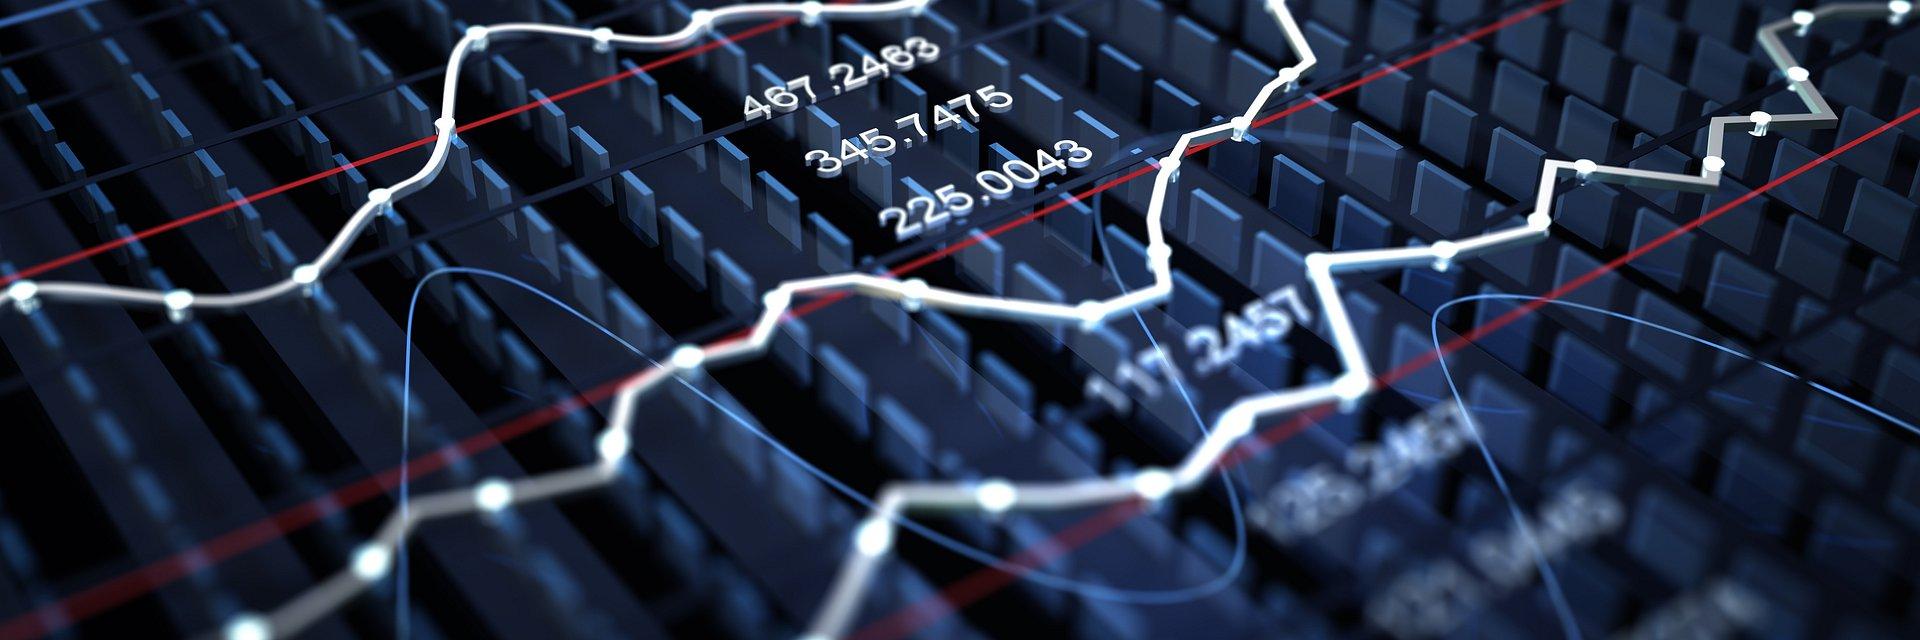 Inwestorzy wybierają nowe kierunki. Rynek nieruchomości 2020 w Polsce i Europie